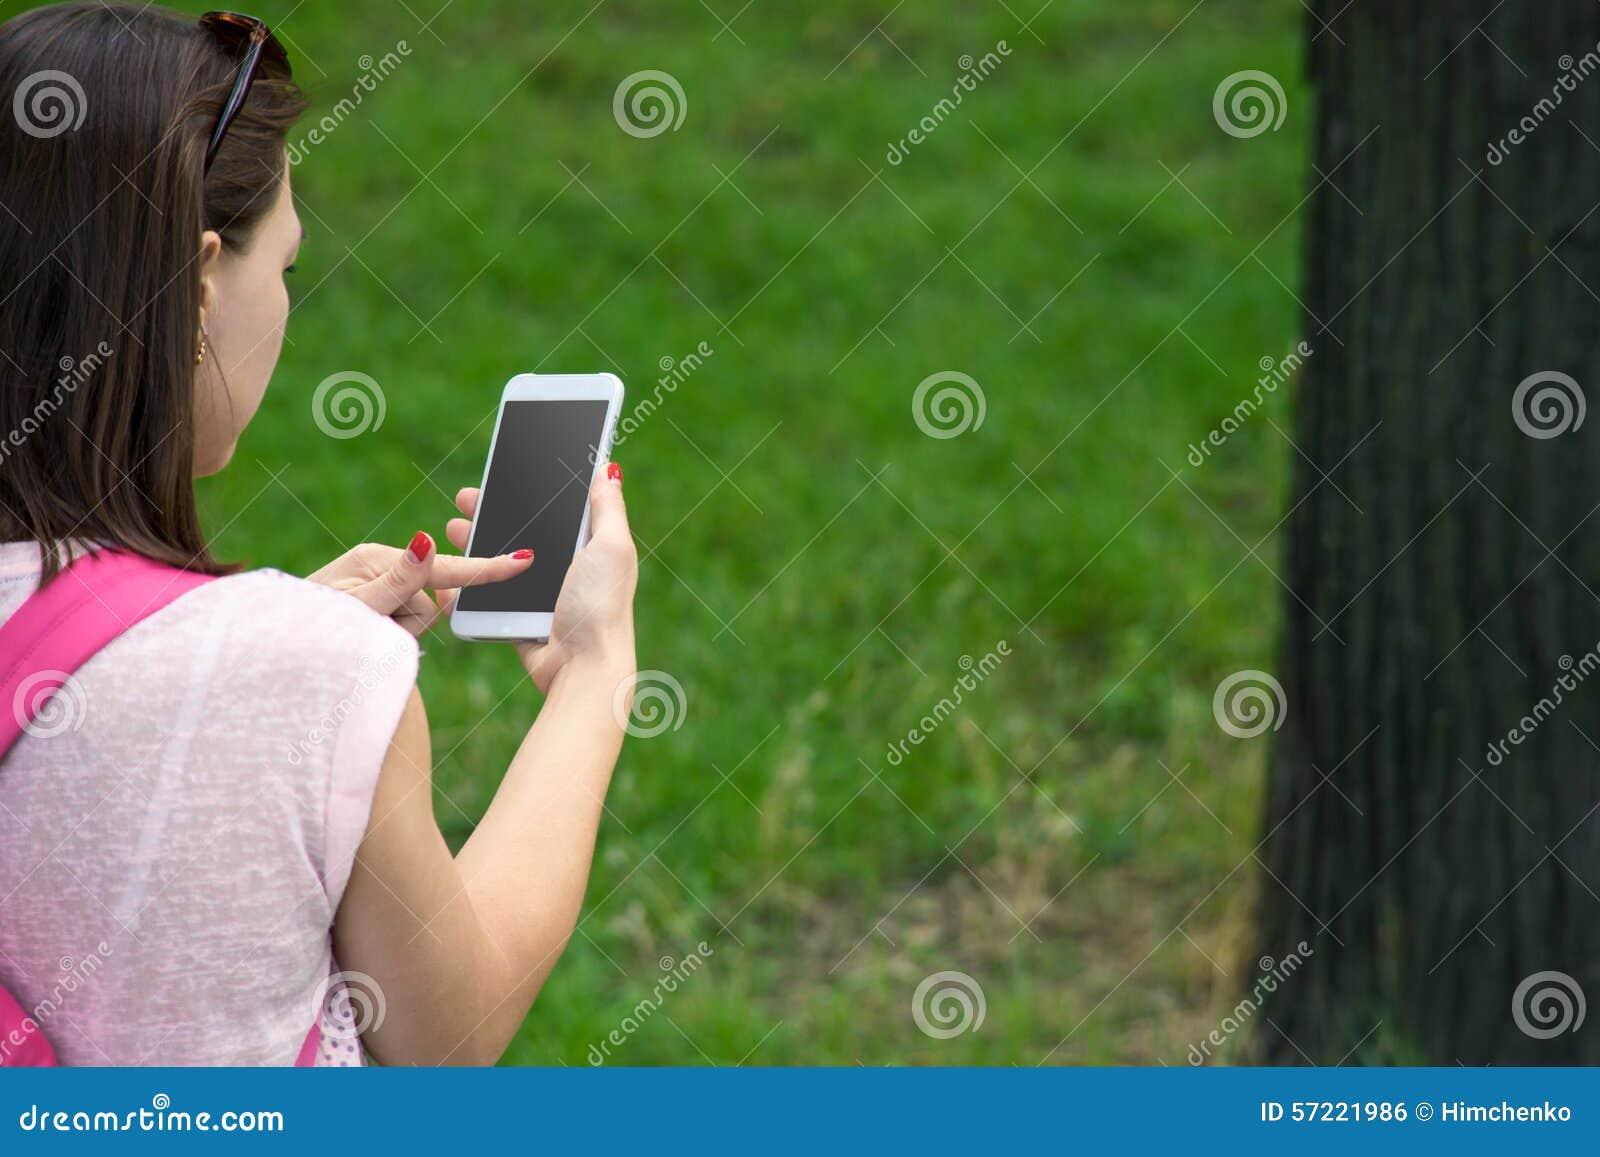 Femme avec un téléphone dans sa main